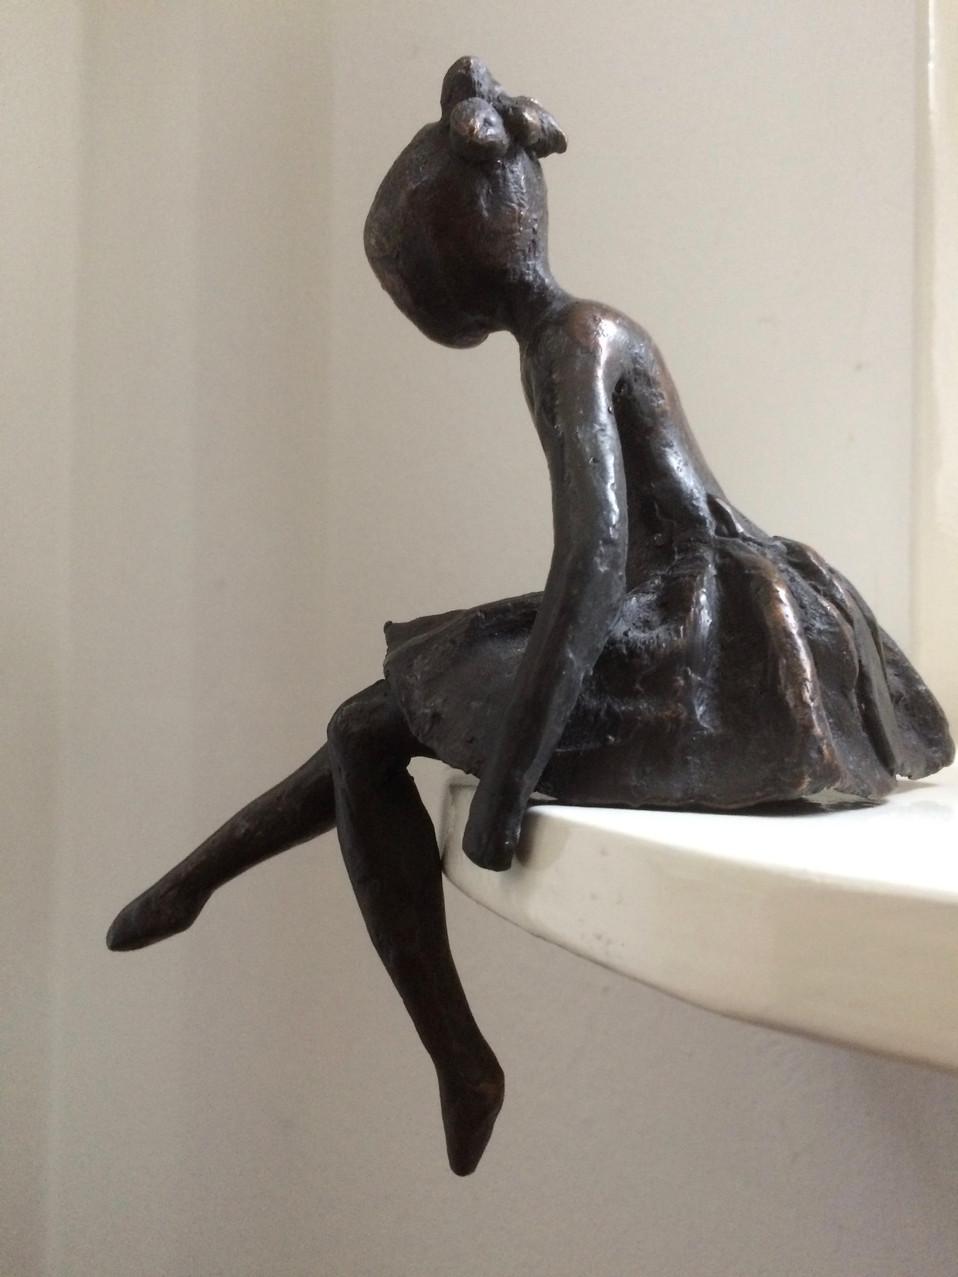 Mijmeren_links - brons - 20cm hoog